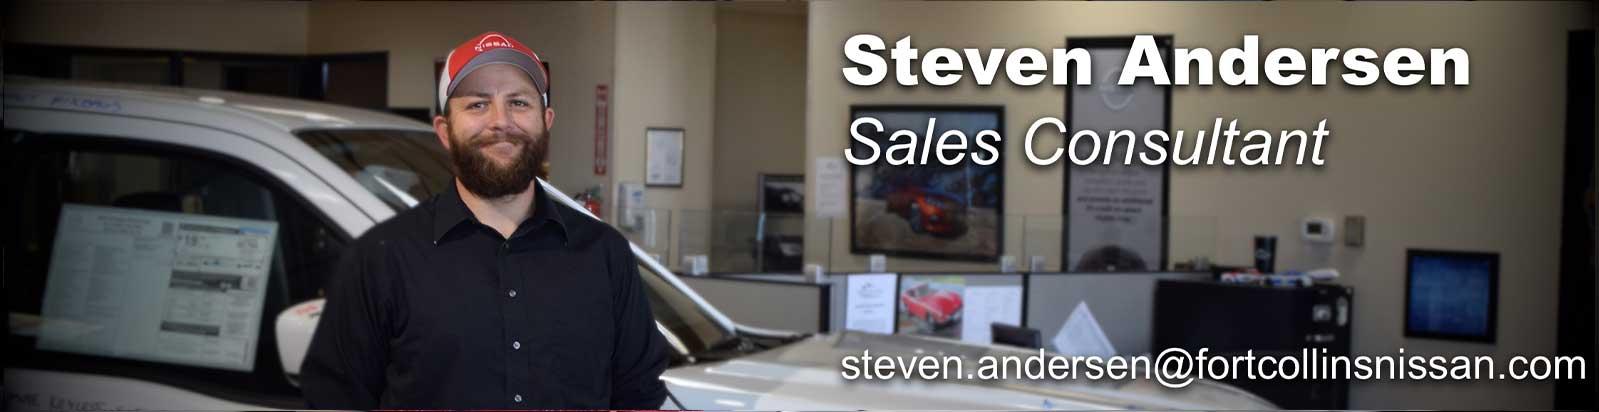 Steven Andersen